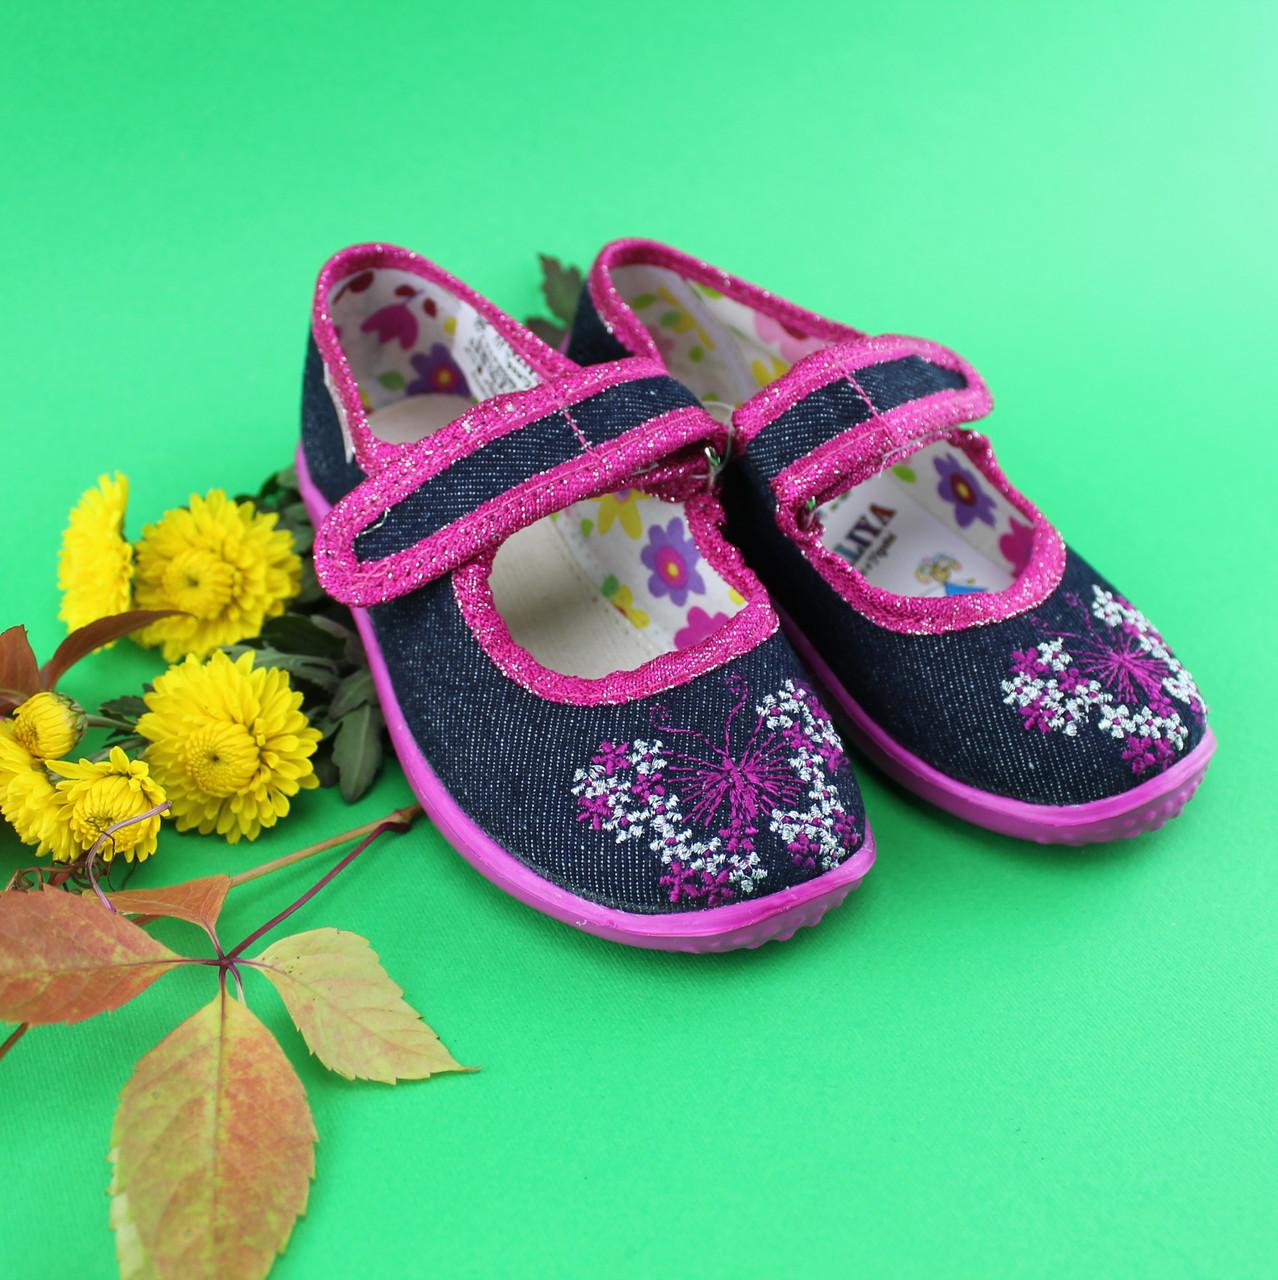 Детские текстильные туфли оптом Vitaliya Виталия Украина размеры с 23 по 27